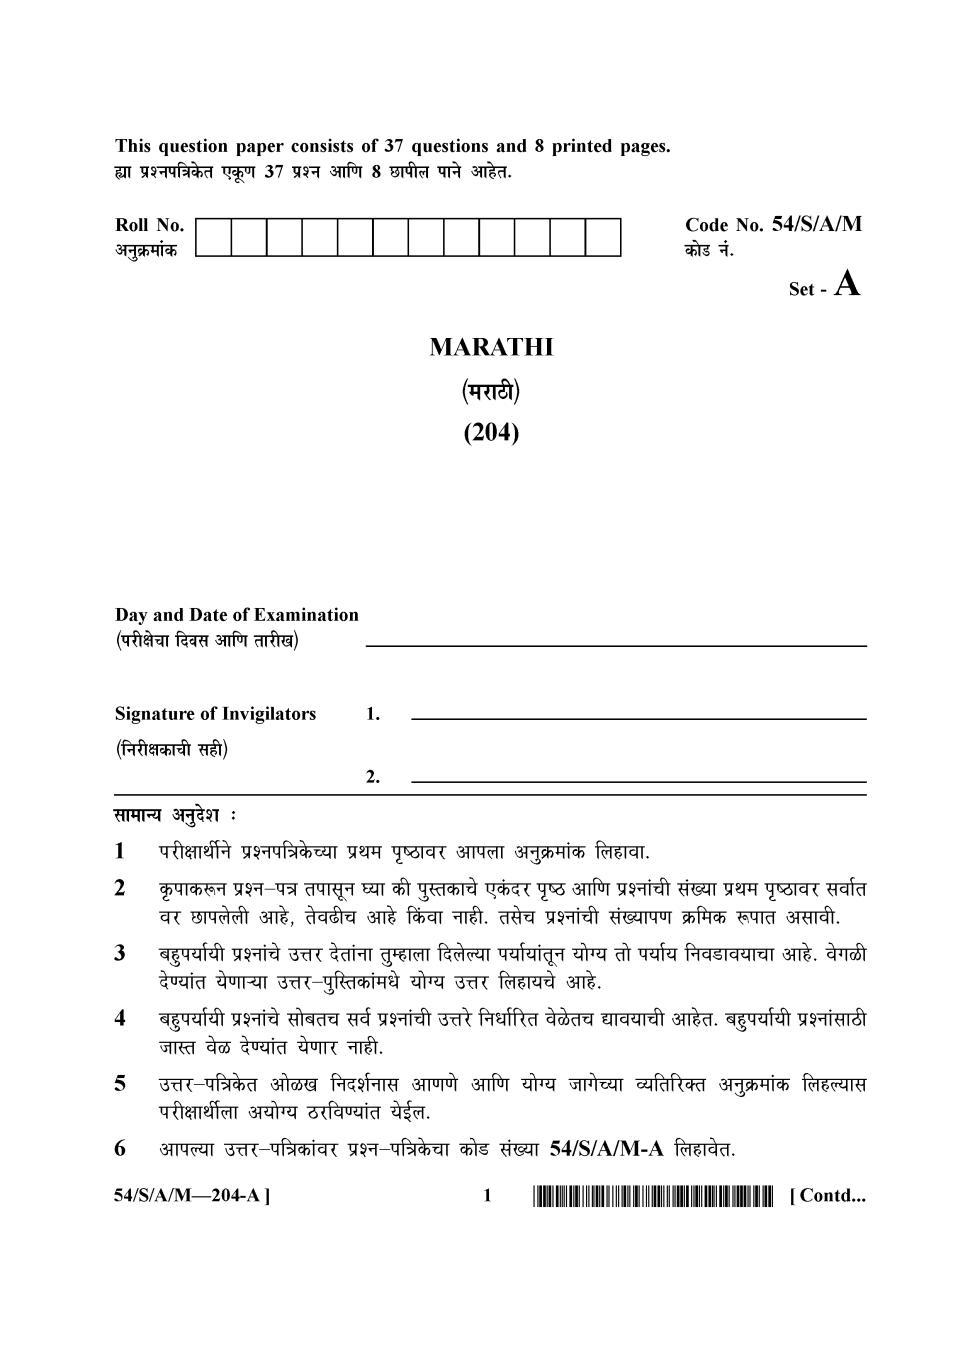 NIOS Class 10 Question Paper Apr 2017 - Marathi - Page 1